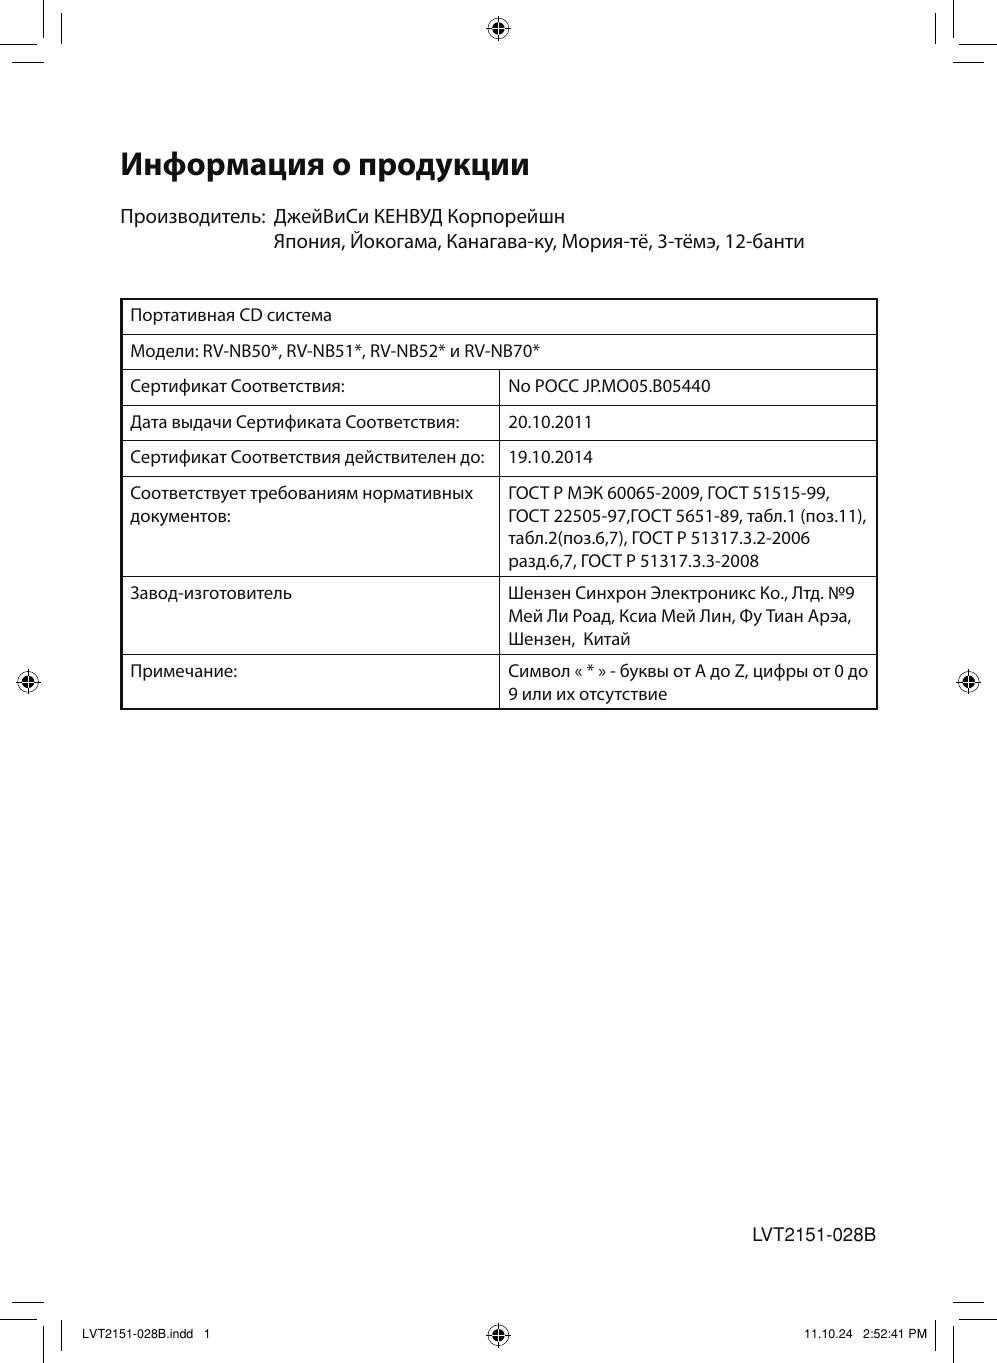 Jvc nb50 manual array jvc rv nb50ev nb50 nb51 nb52 nb70 russia sheet user manual nb50ev rh usermanual fandeluxe Gallery